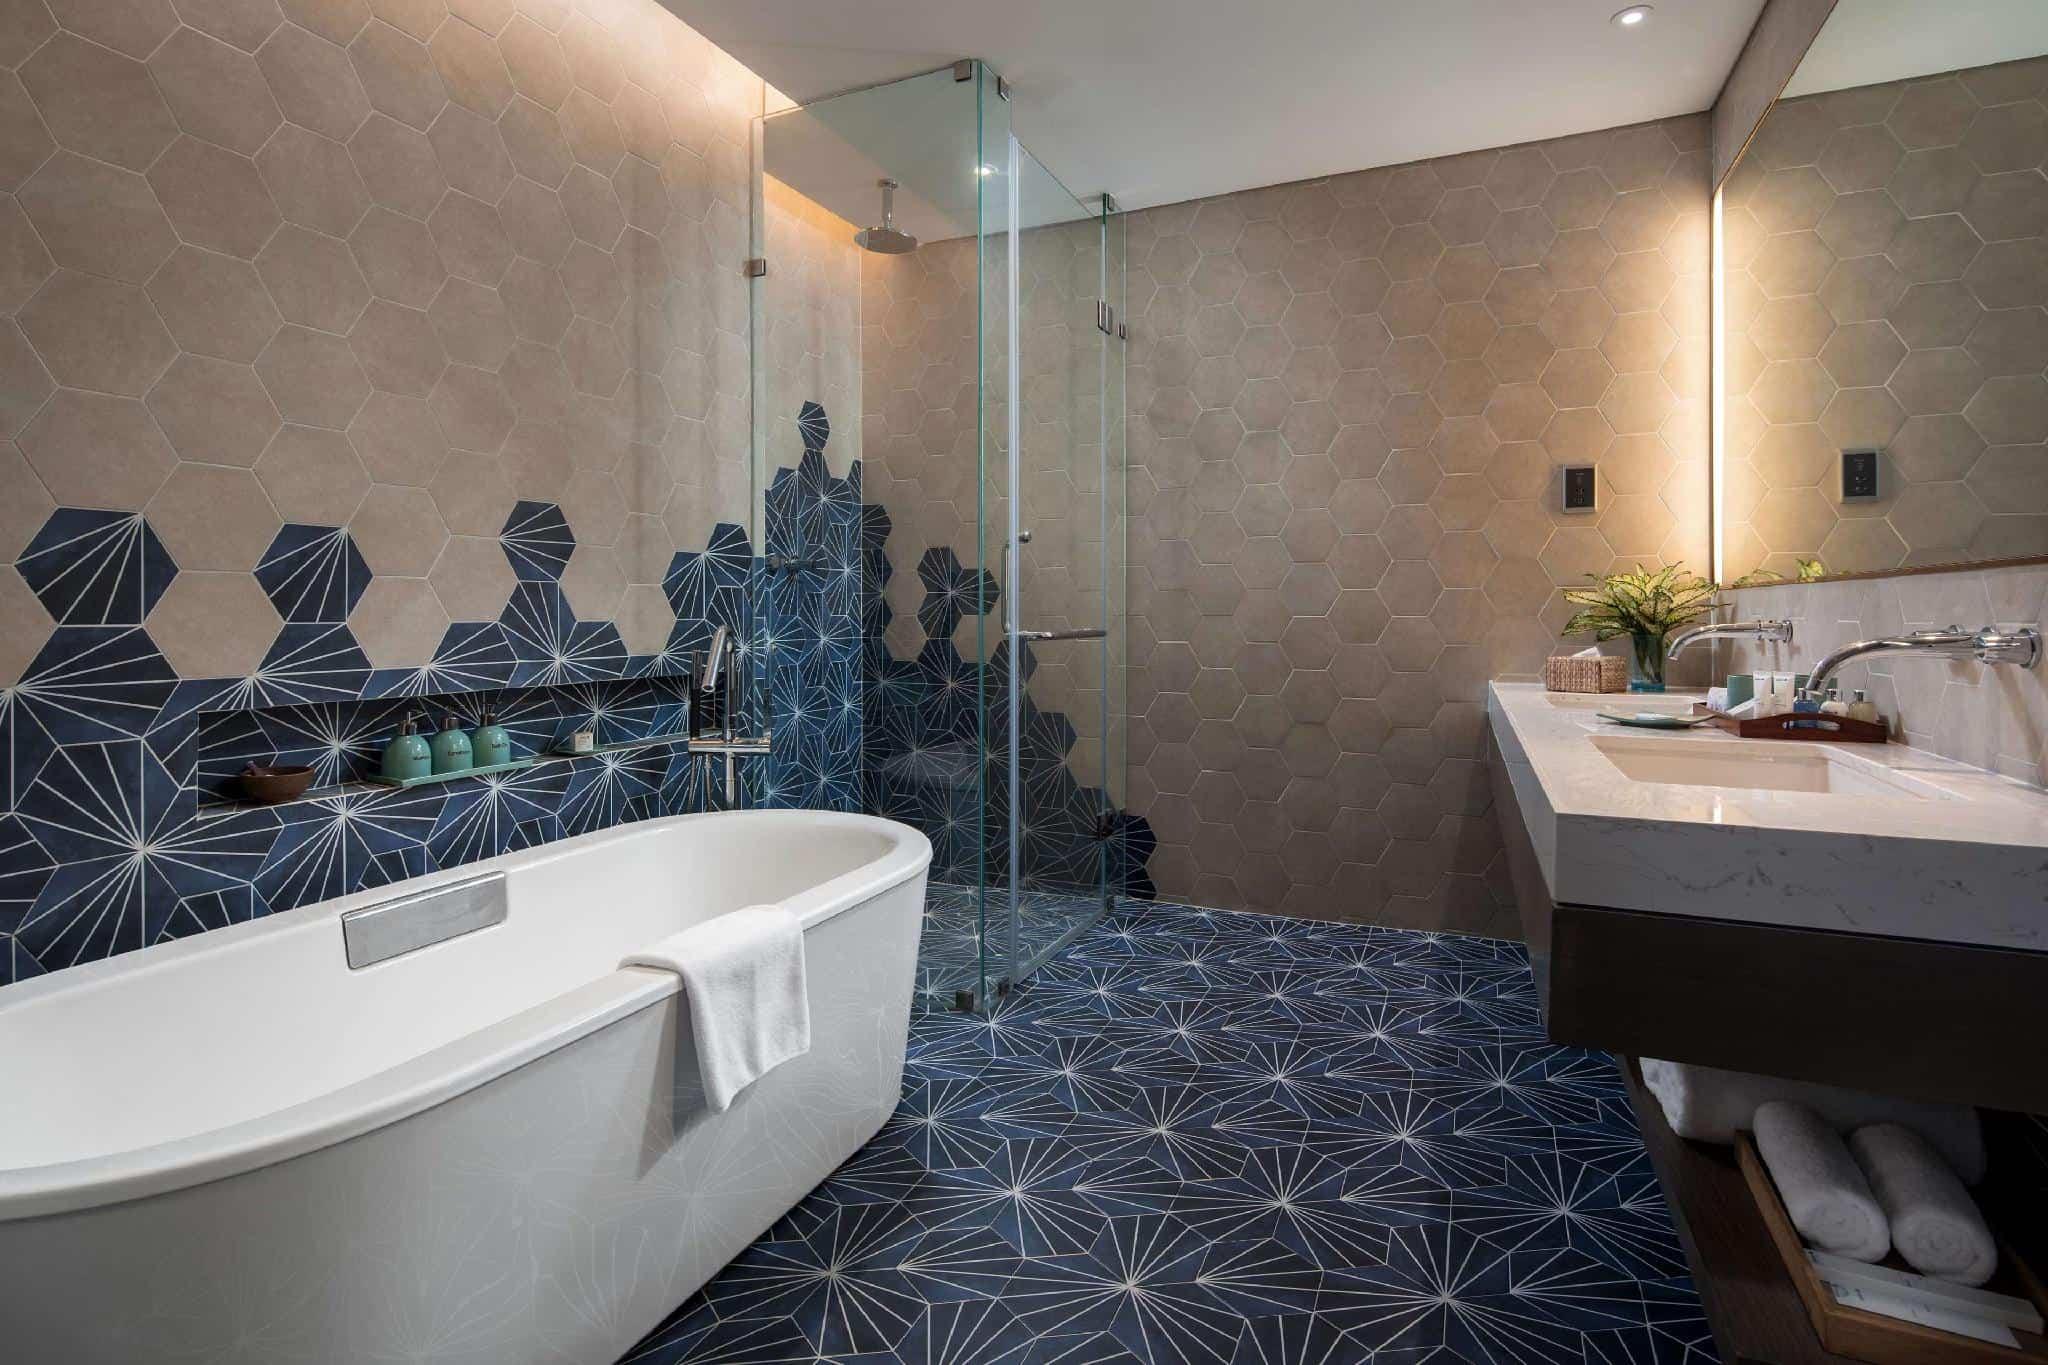 Phòng tắm bao gồm cả bồn tắm và vòi sen